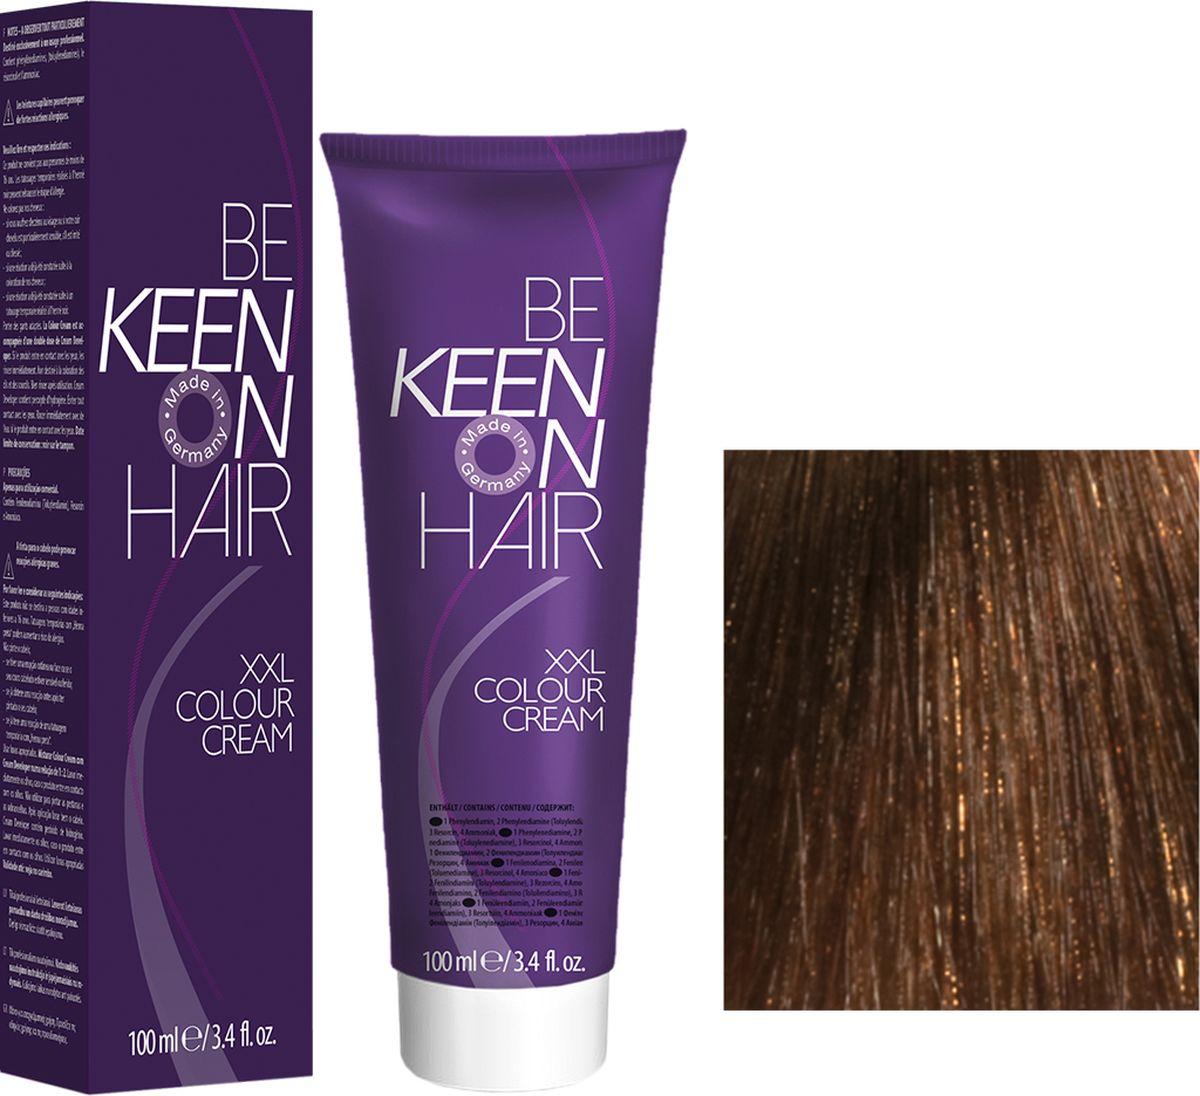 Keen Краска для волос 6.73 Мускат Muskat, 100 мл69100050Модные оттенкиБолее 100 оттенков для креативной комбинации цветов.ЭкономичностьПри использовании тюбика 100 мл вы получаете оптимальное соотношение цены и качества!УходМолочный белок поддерживает структуру волоса во время окрашивания и придает волосам блеск и шелковистость. Протеины хорошо встраиваются в волосы и снабжают их влагой.